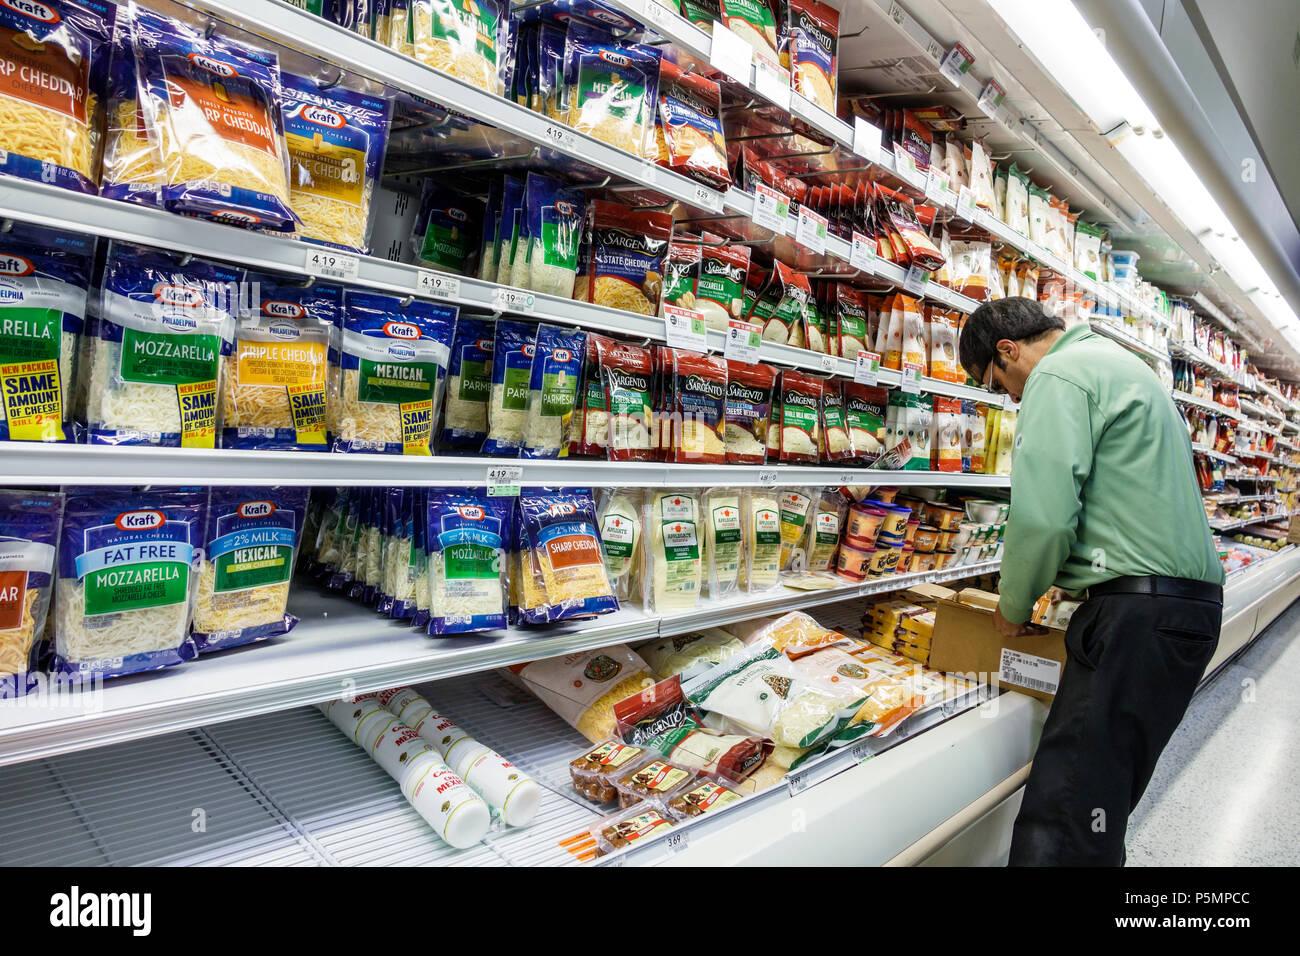 Naples Floride supermarché épicerie Publix shopping intérieur réfrigérateur  Produits laitiers Fromage cas réapprovisionnement des étagères afficher d26184f2754c